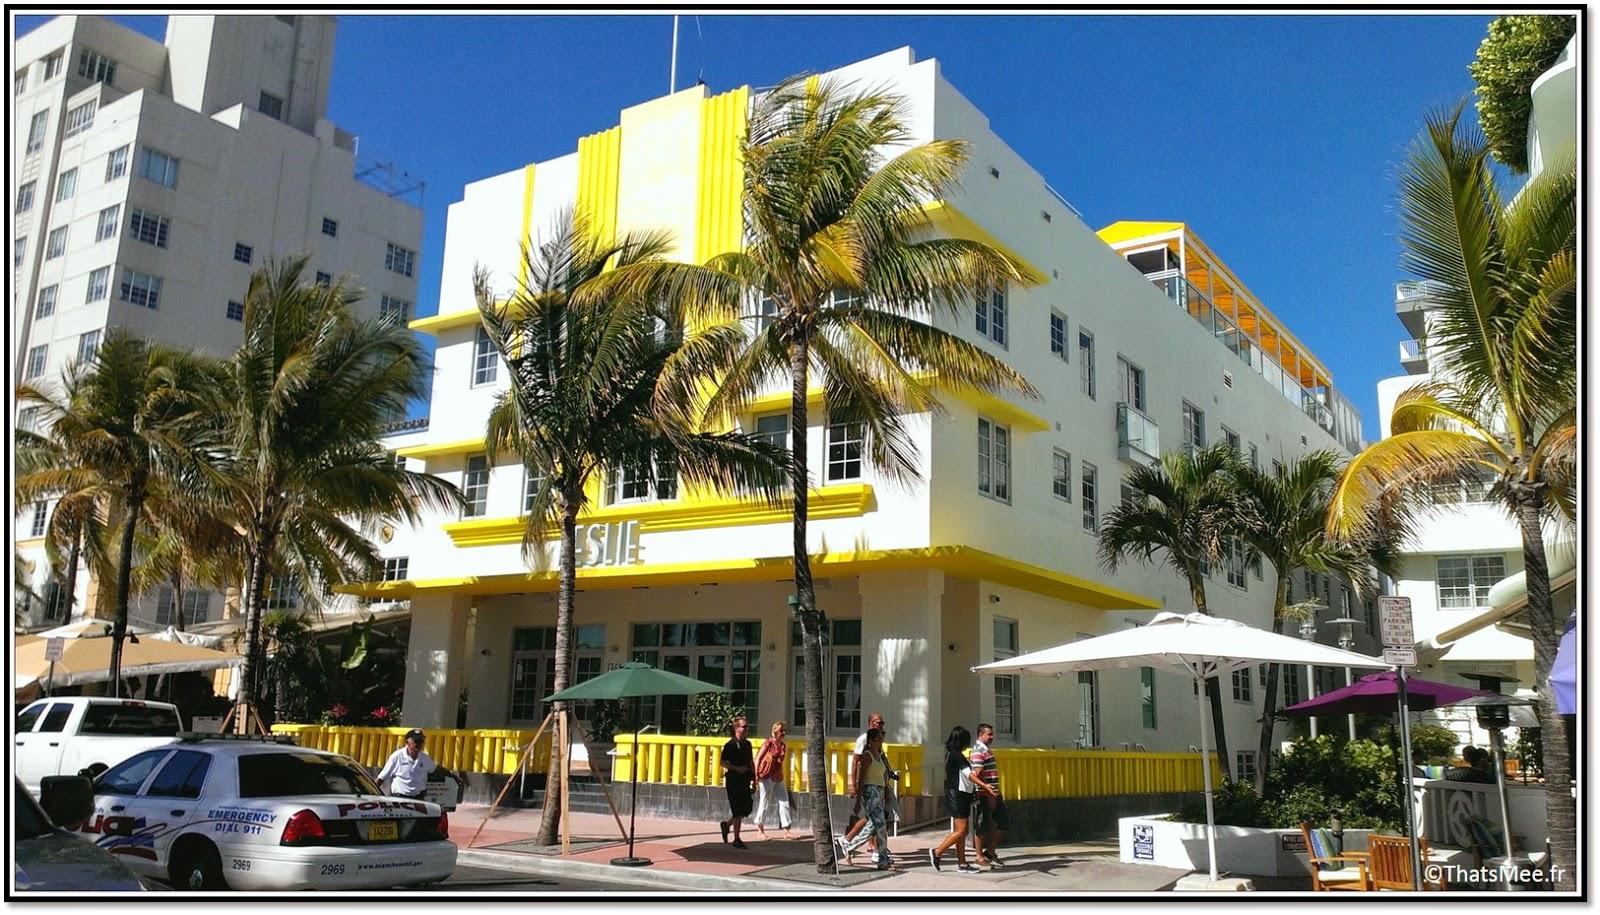 Miami Art deco building batiment Leslie blanc et jaune